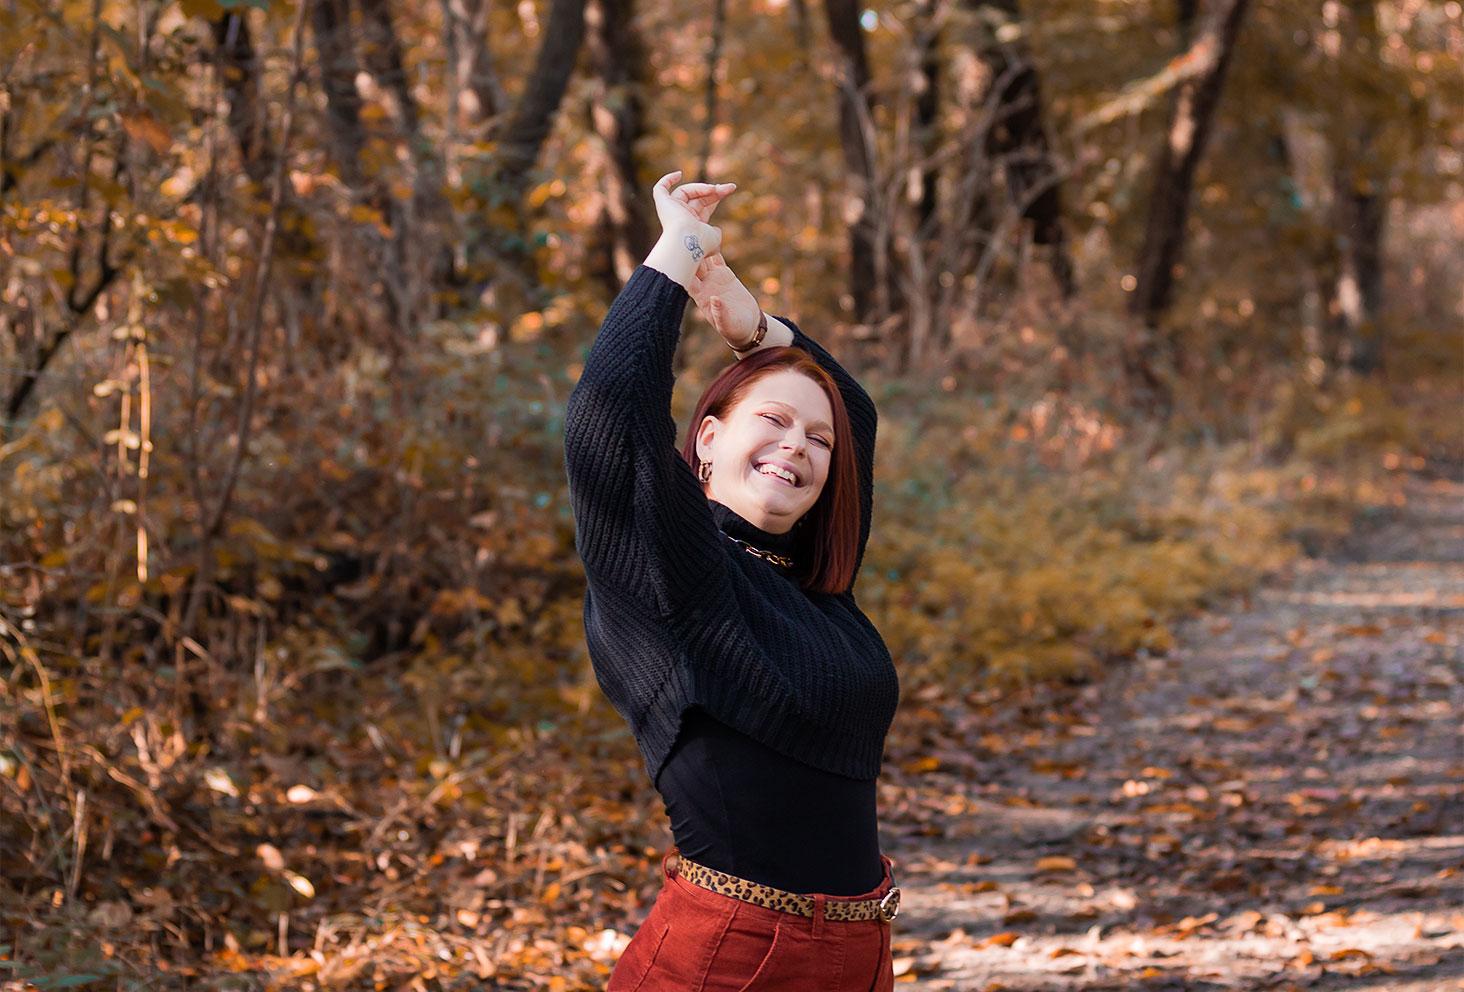 Dans la forêt avec le sourire, les mains au dessus de la tête, avec un pull court oversize à col cheminé noir